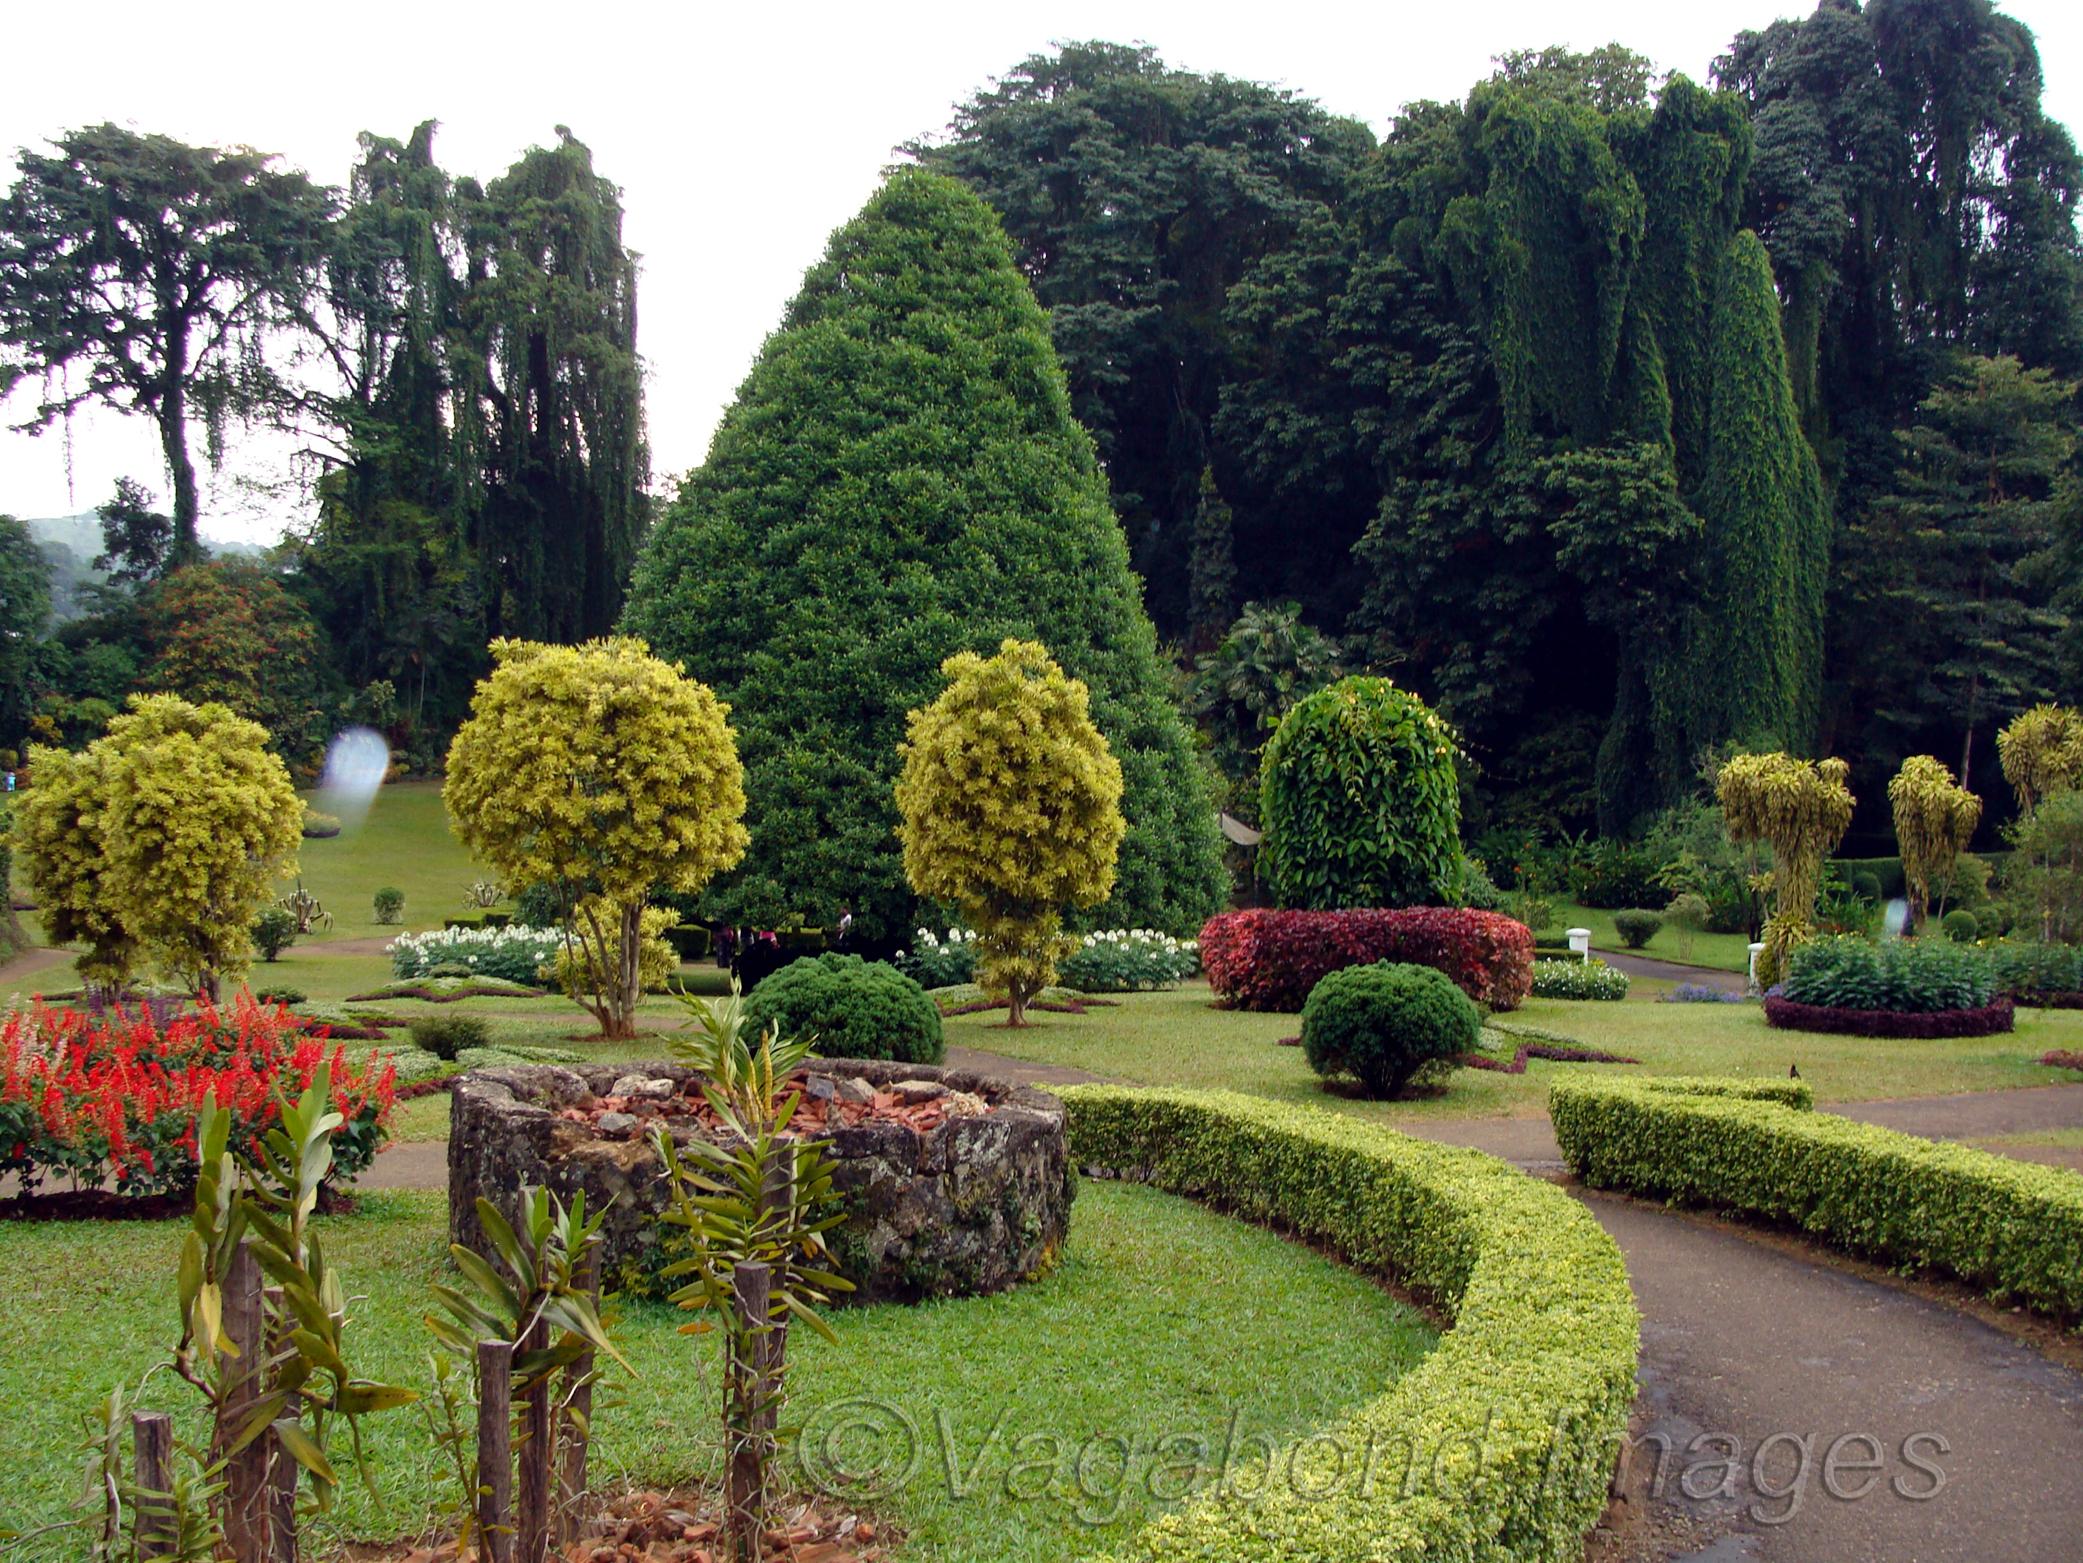 Peradeniya Kandy Much Beyond A Botanical Gardens Vagabond Images